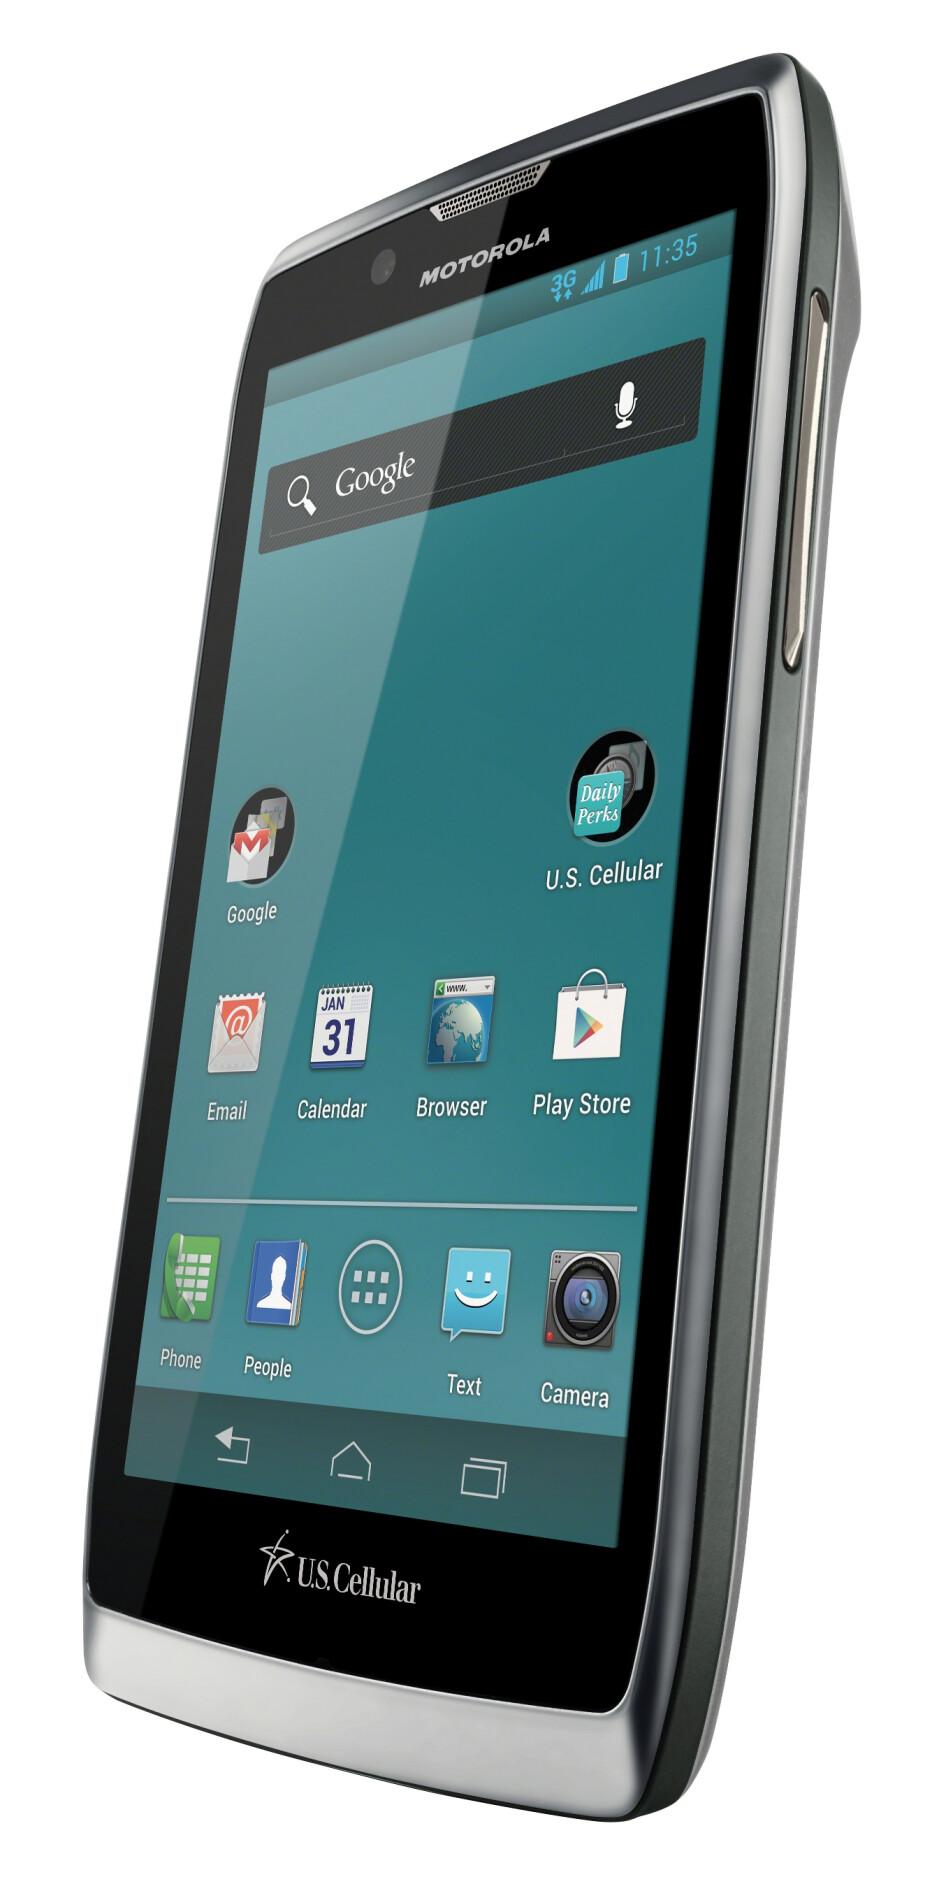 Motorola ELECTRIFY 2 - Motorola intros the RAZR-like ELECTRIFY 2 and rugged DEFY XT for U.S. Cellular